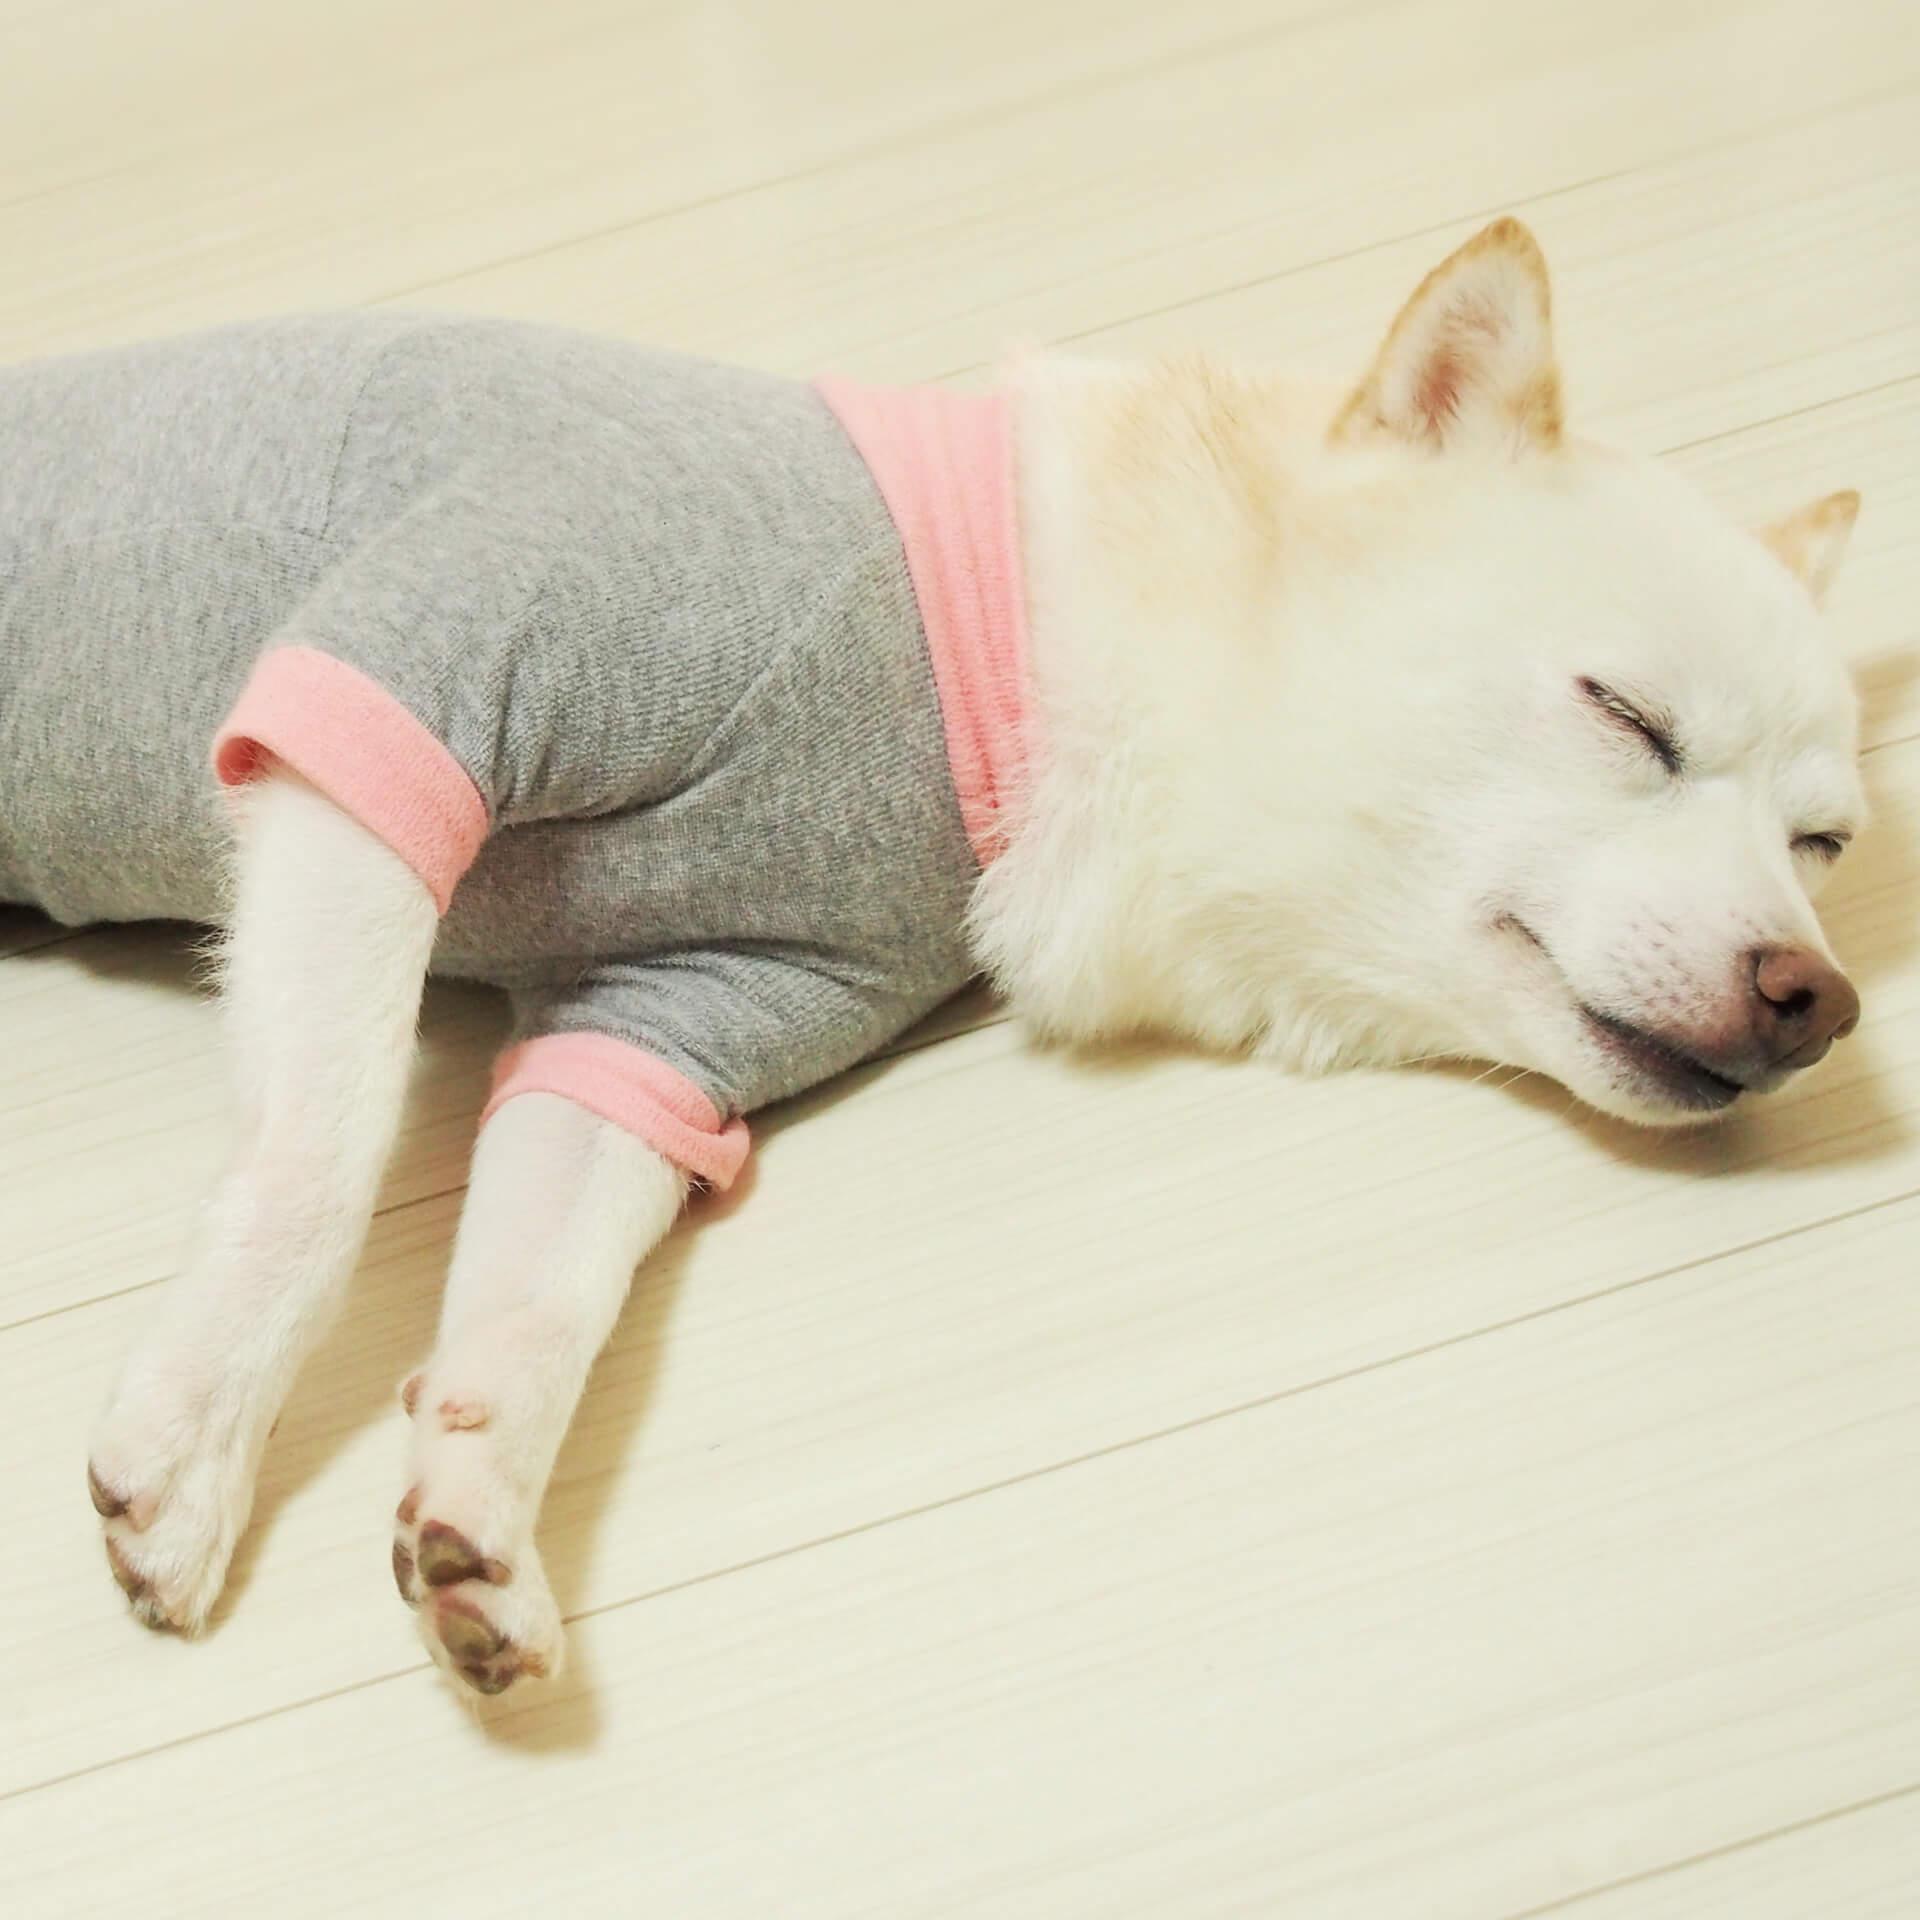 犬服を着て寝る愛犬イメージ